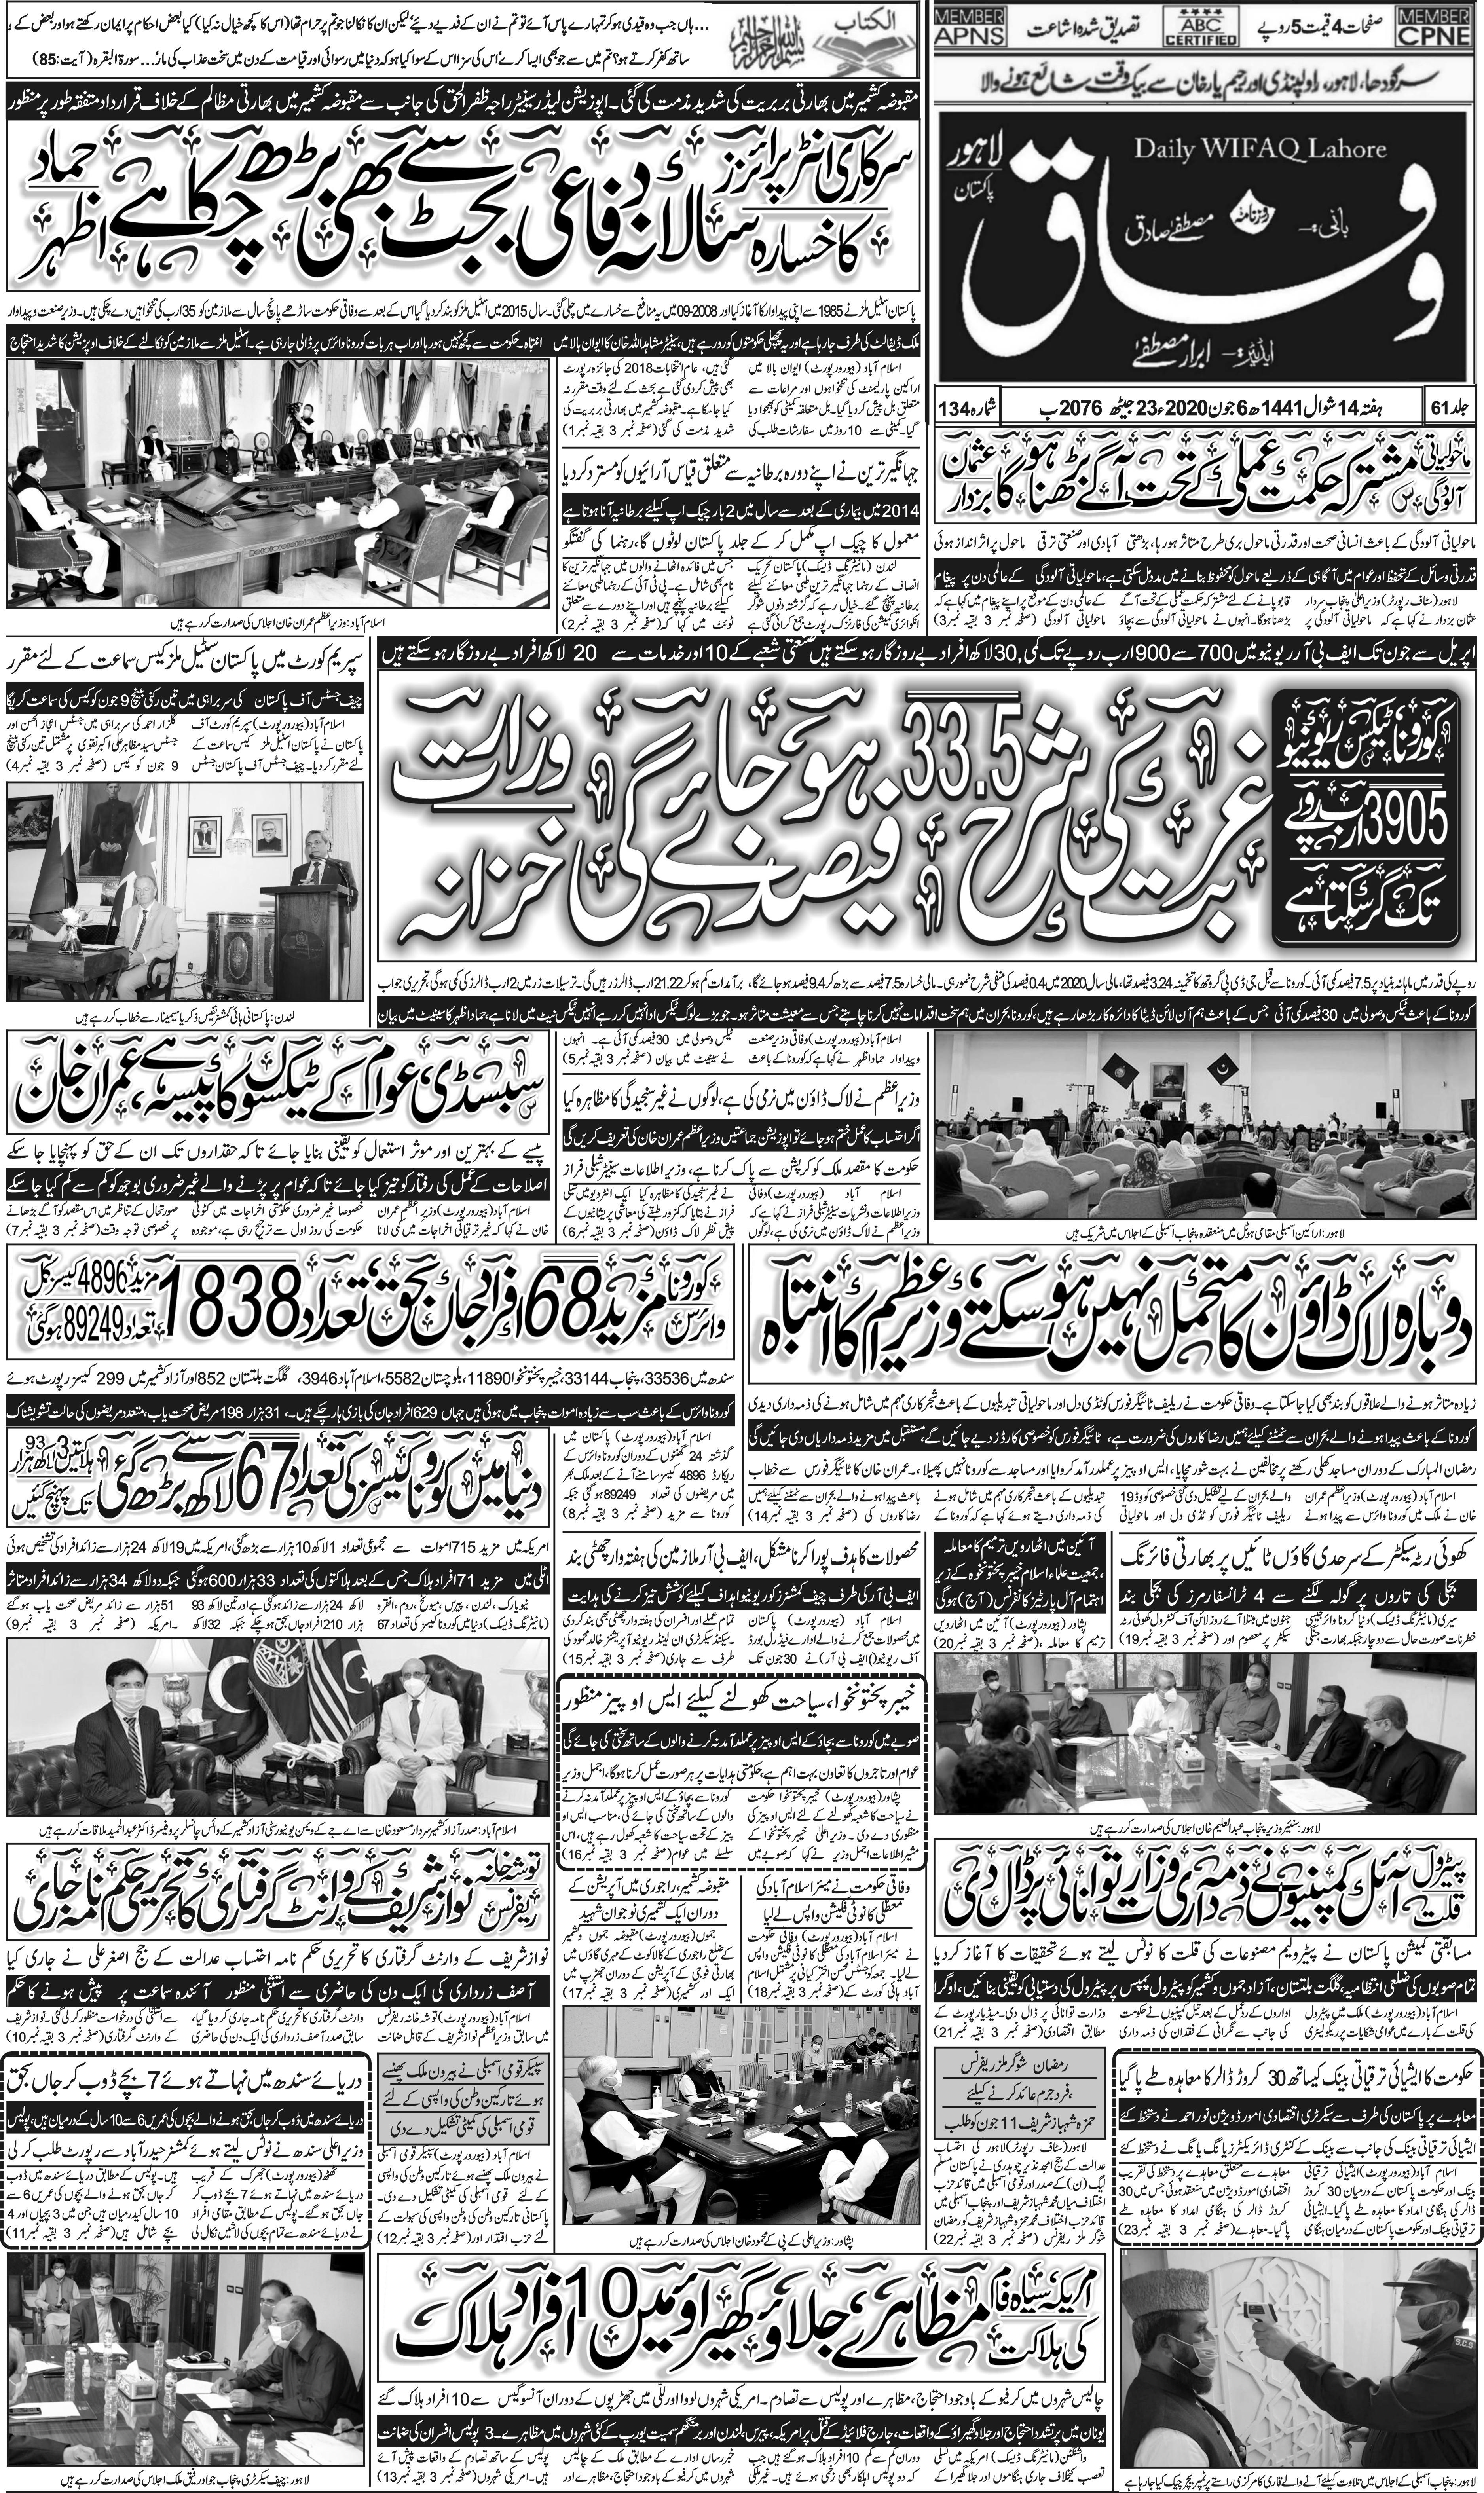 e-Paper – Daily Wifaq – 06-06-2020